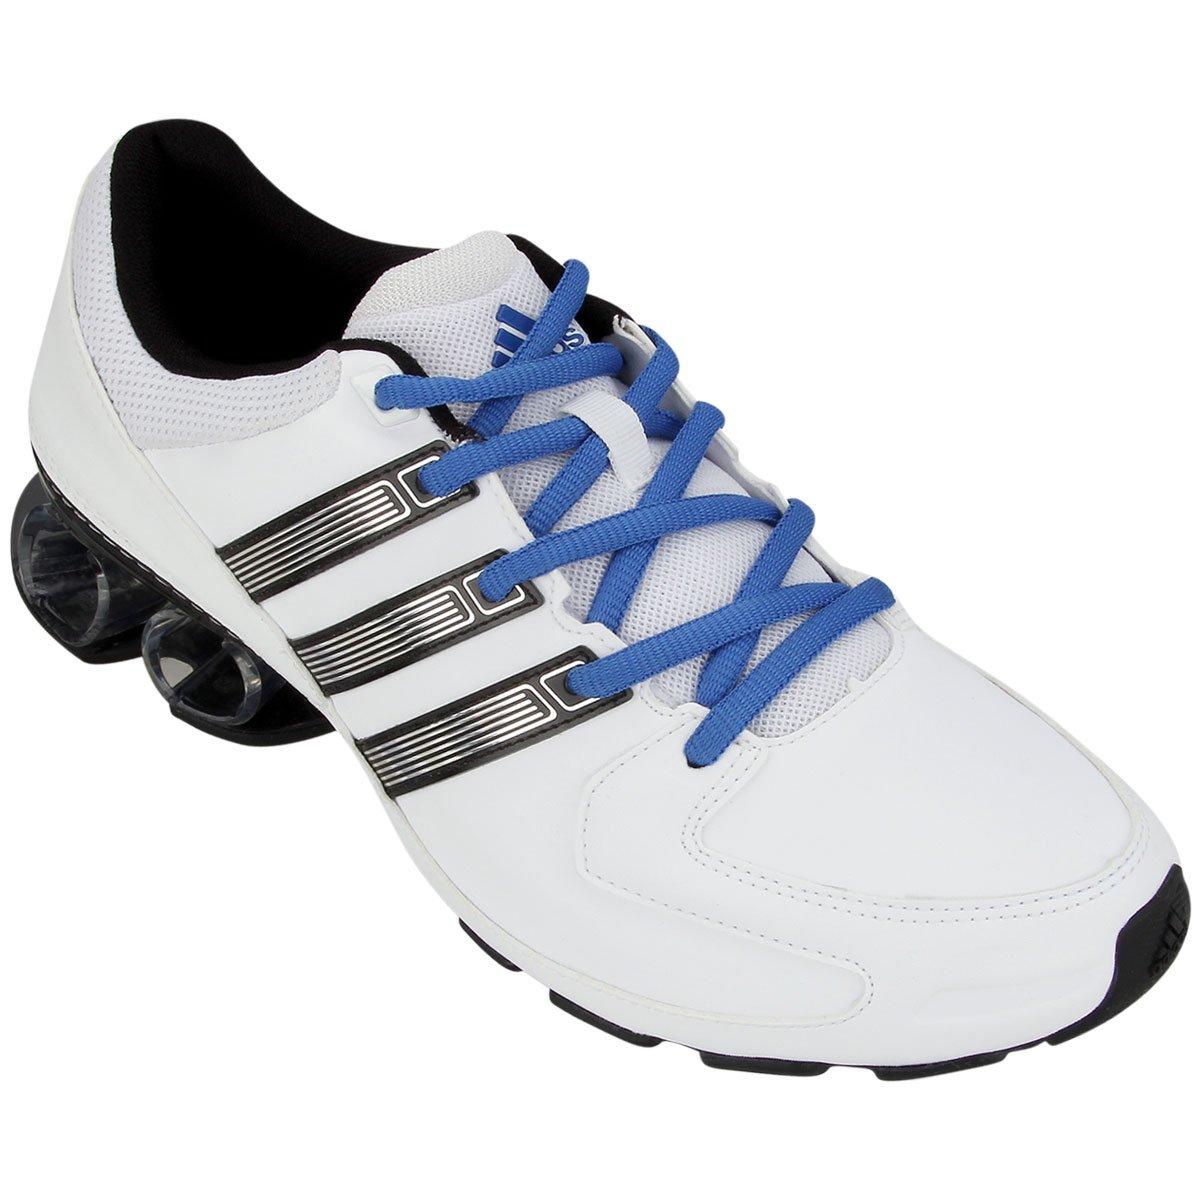 Tênis Adidas Komet Syn - Compre Agora  87457dc1cb9ee